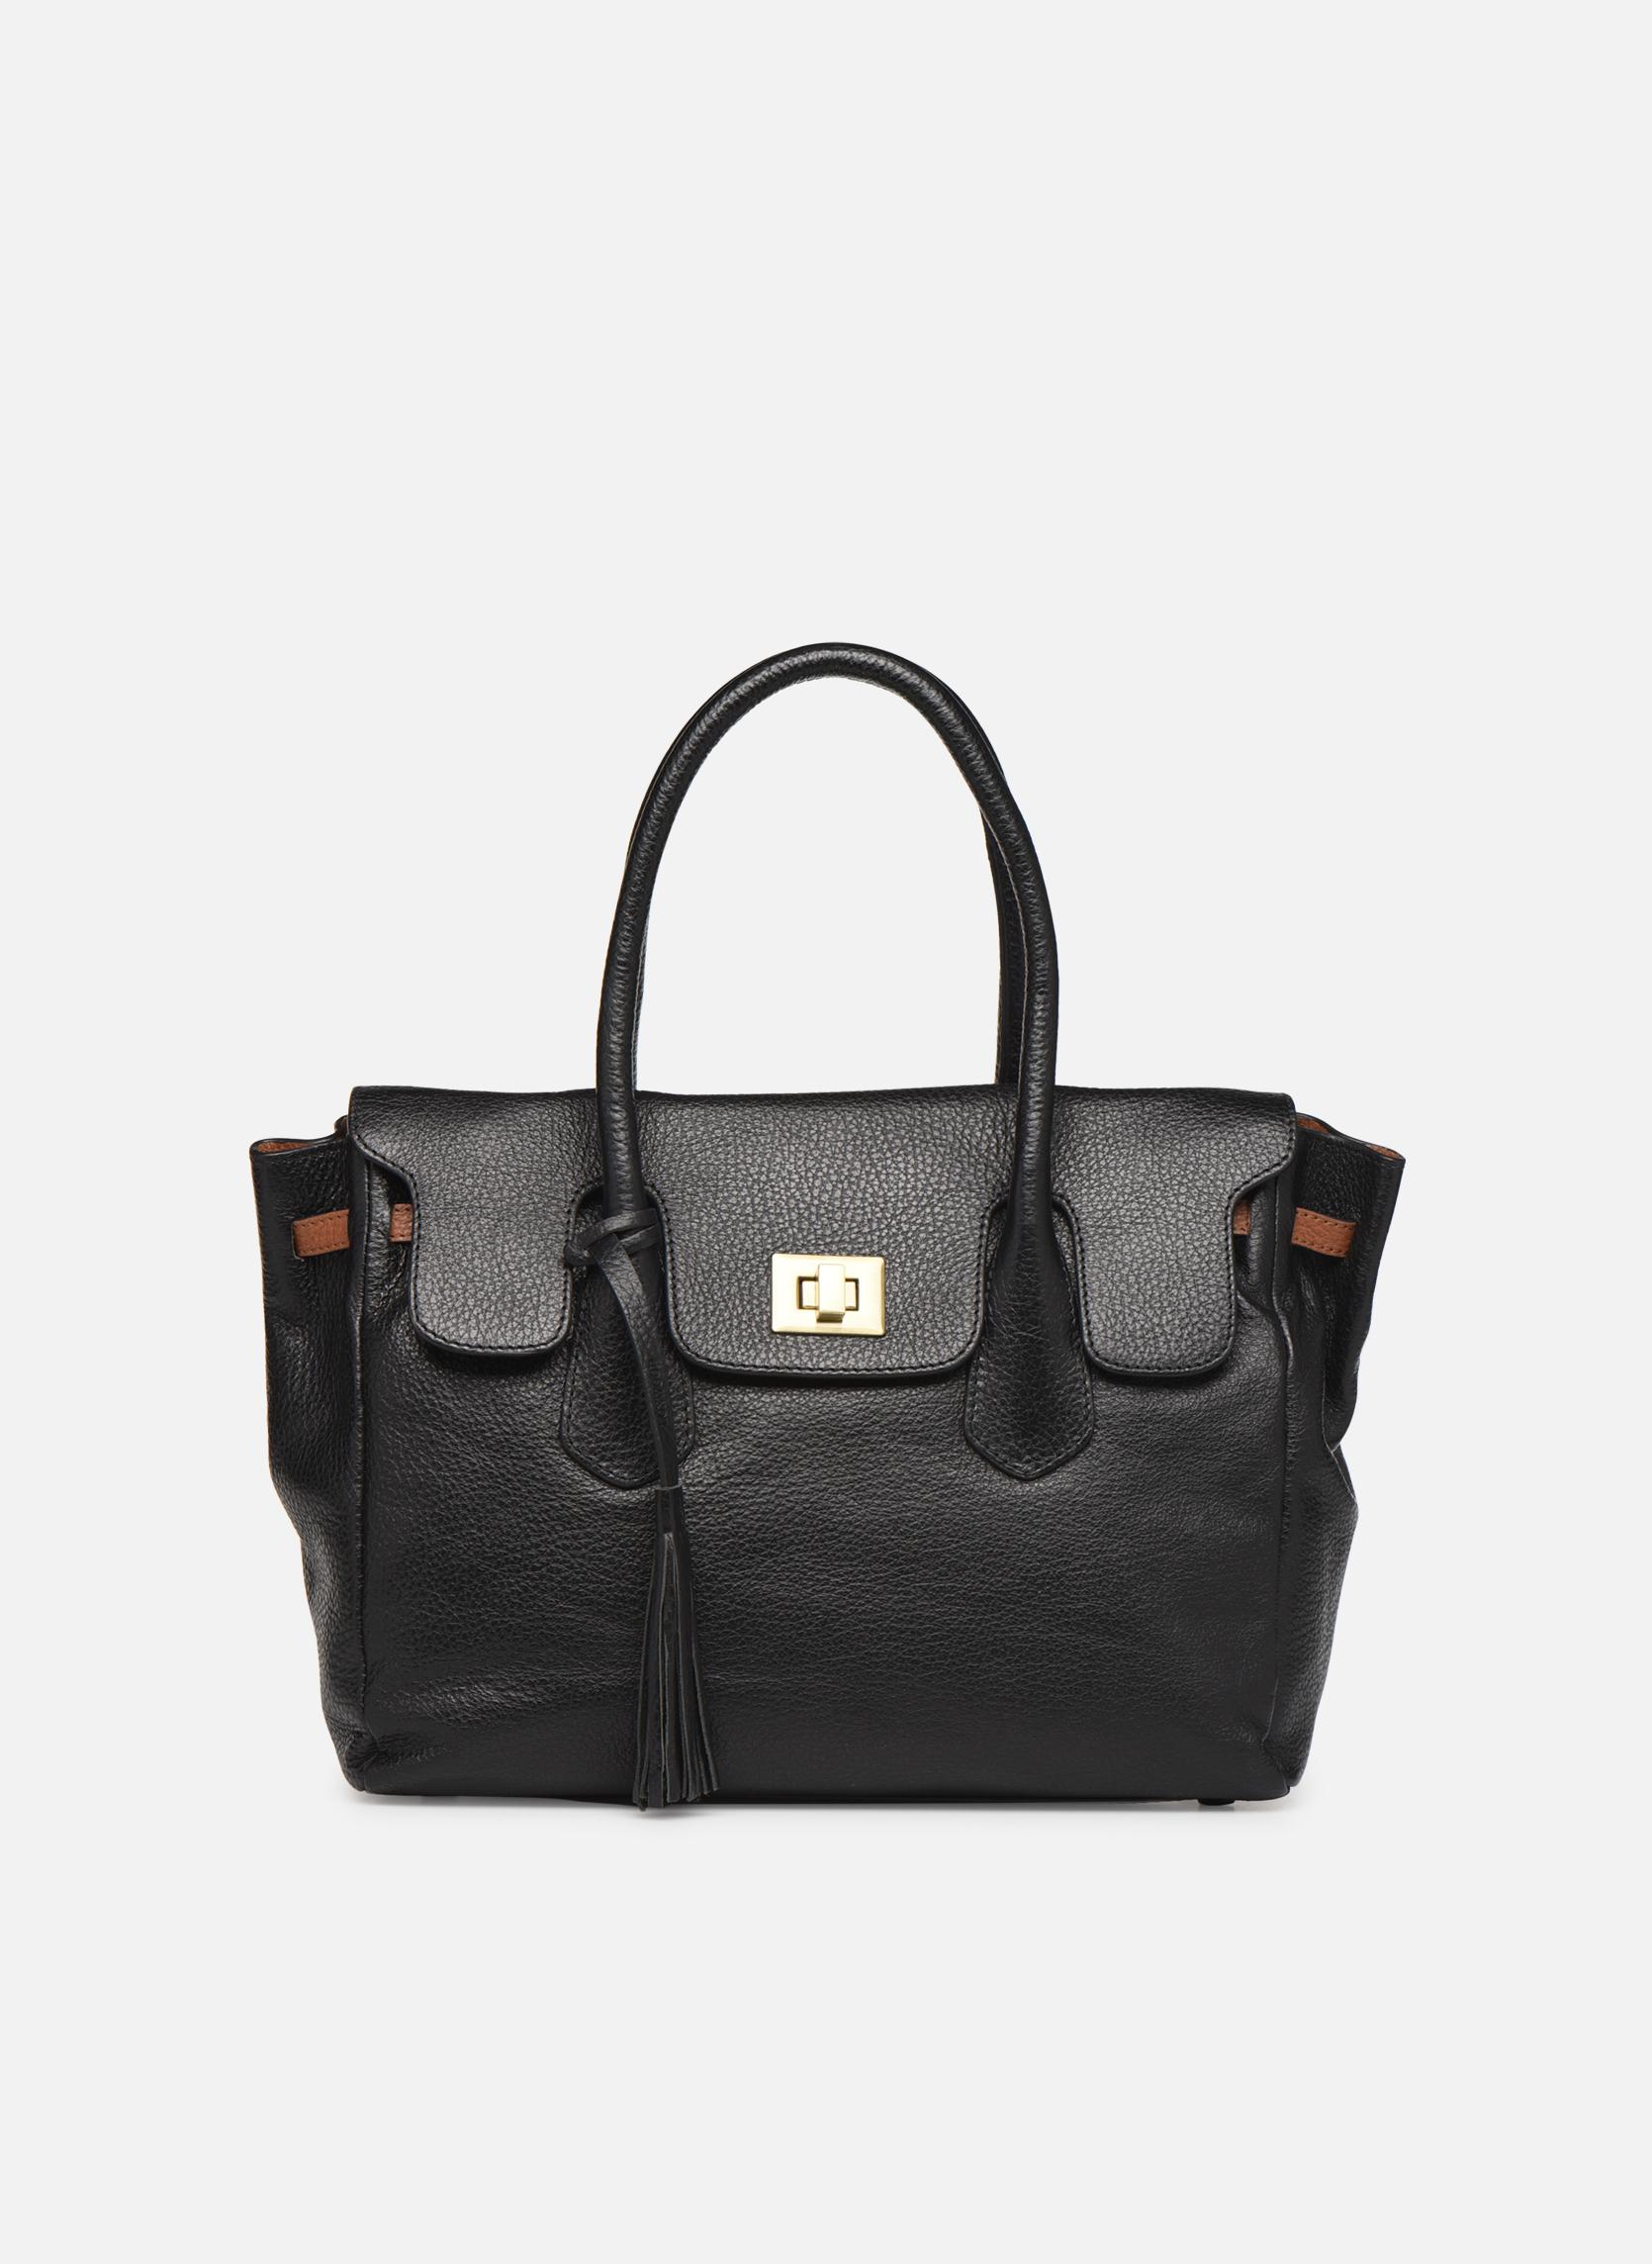 Handtaschen Taschen New Bibou